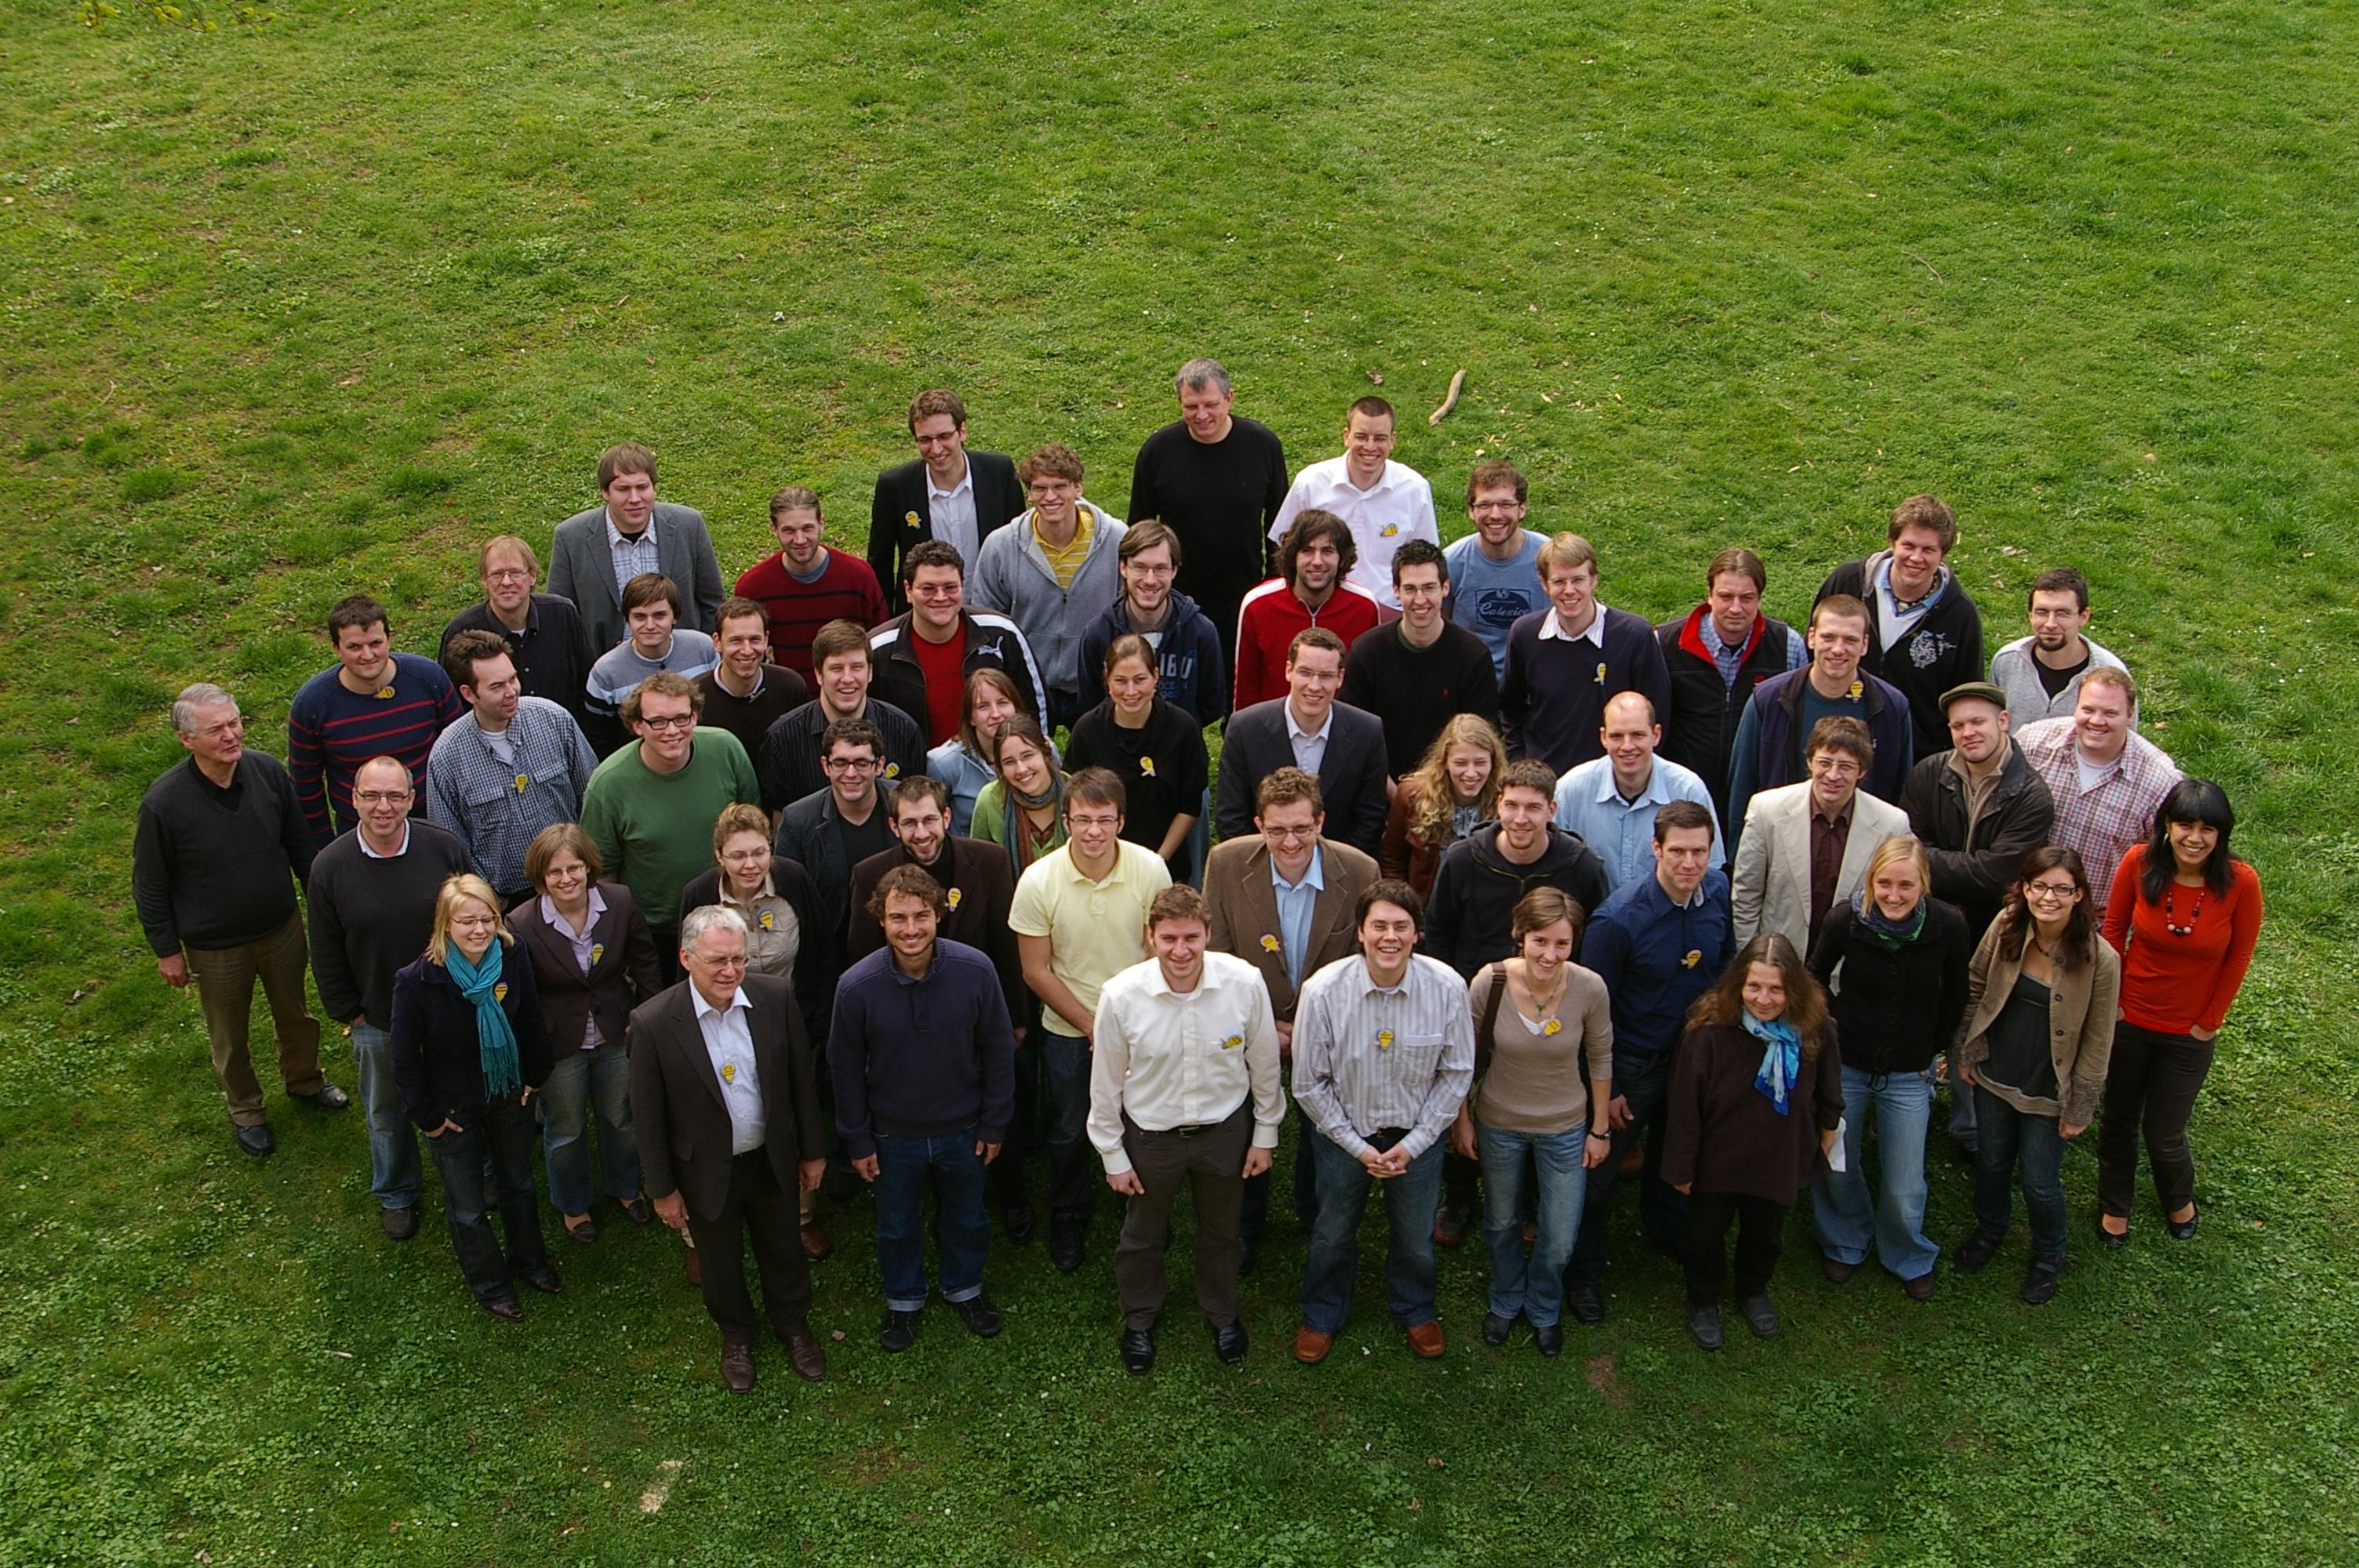 Teilnehmer der Jahrestagung in Gießen 2010